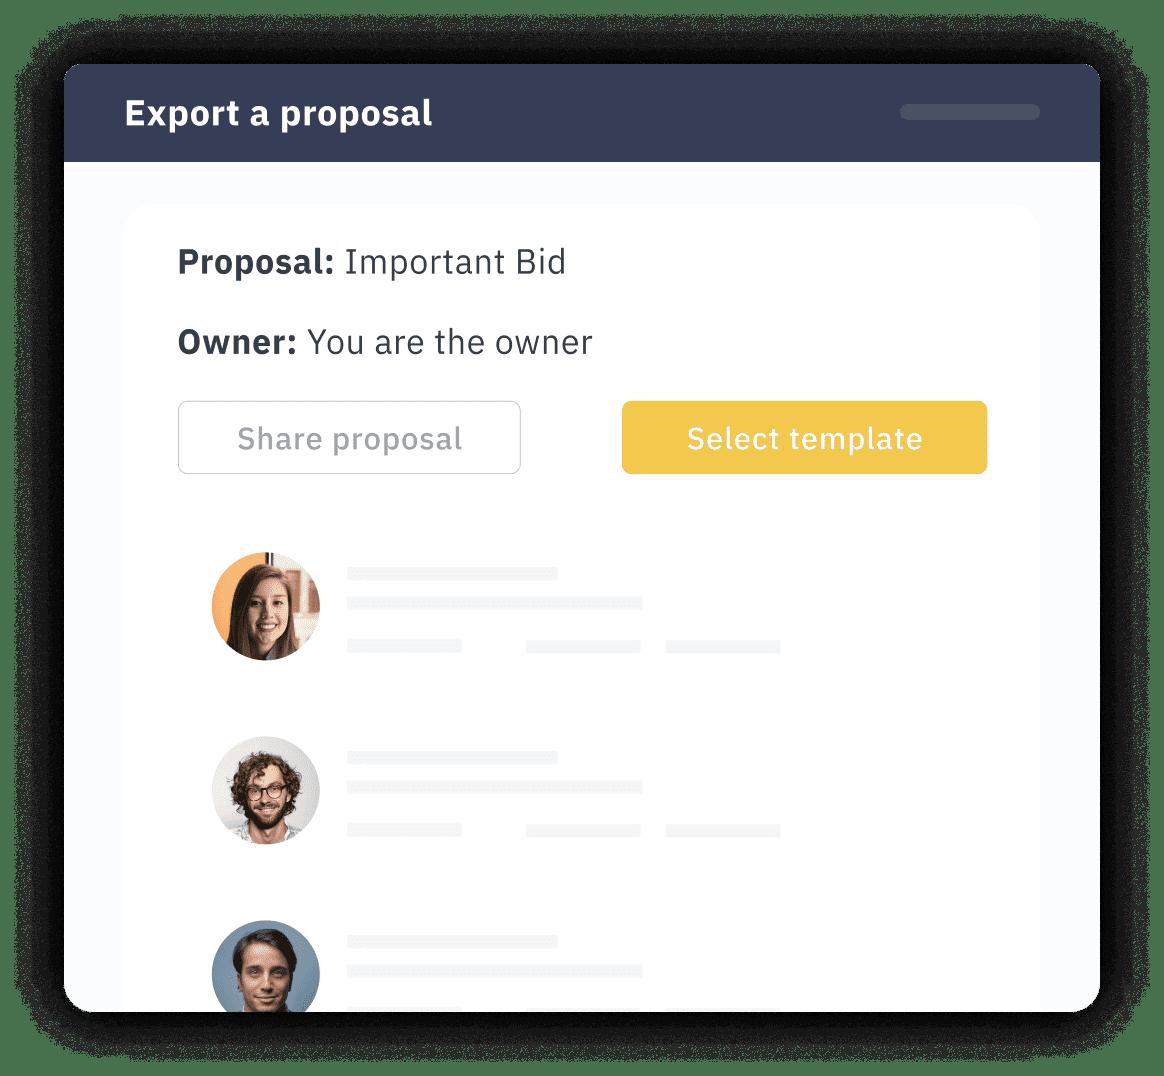 Export a proposal